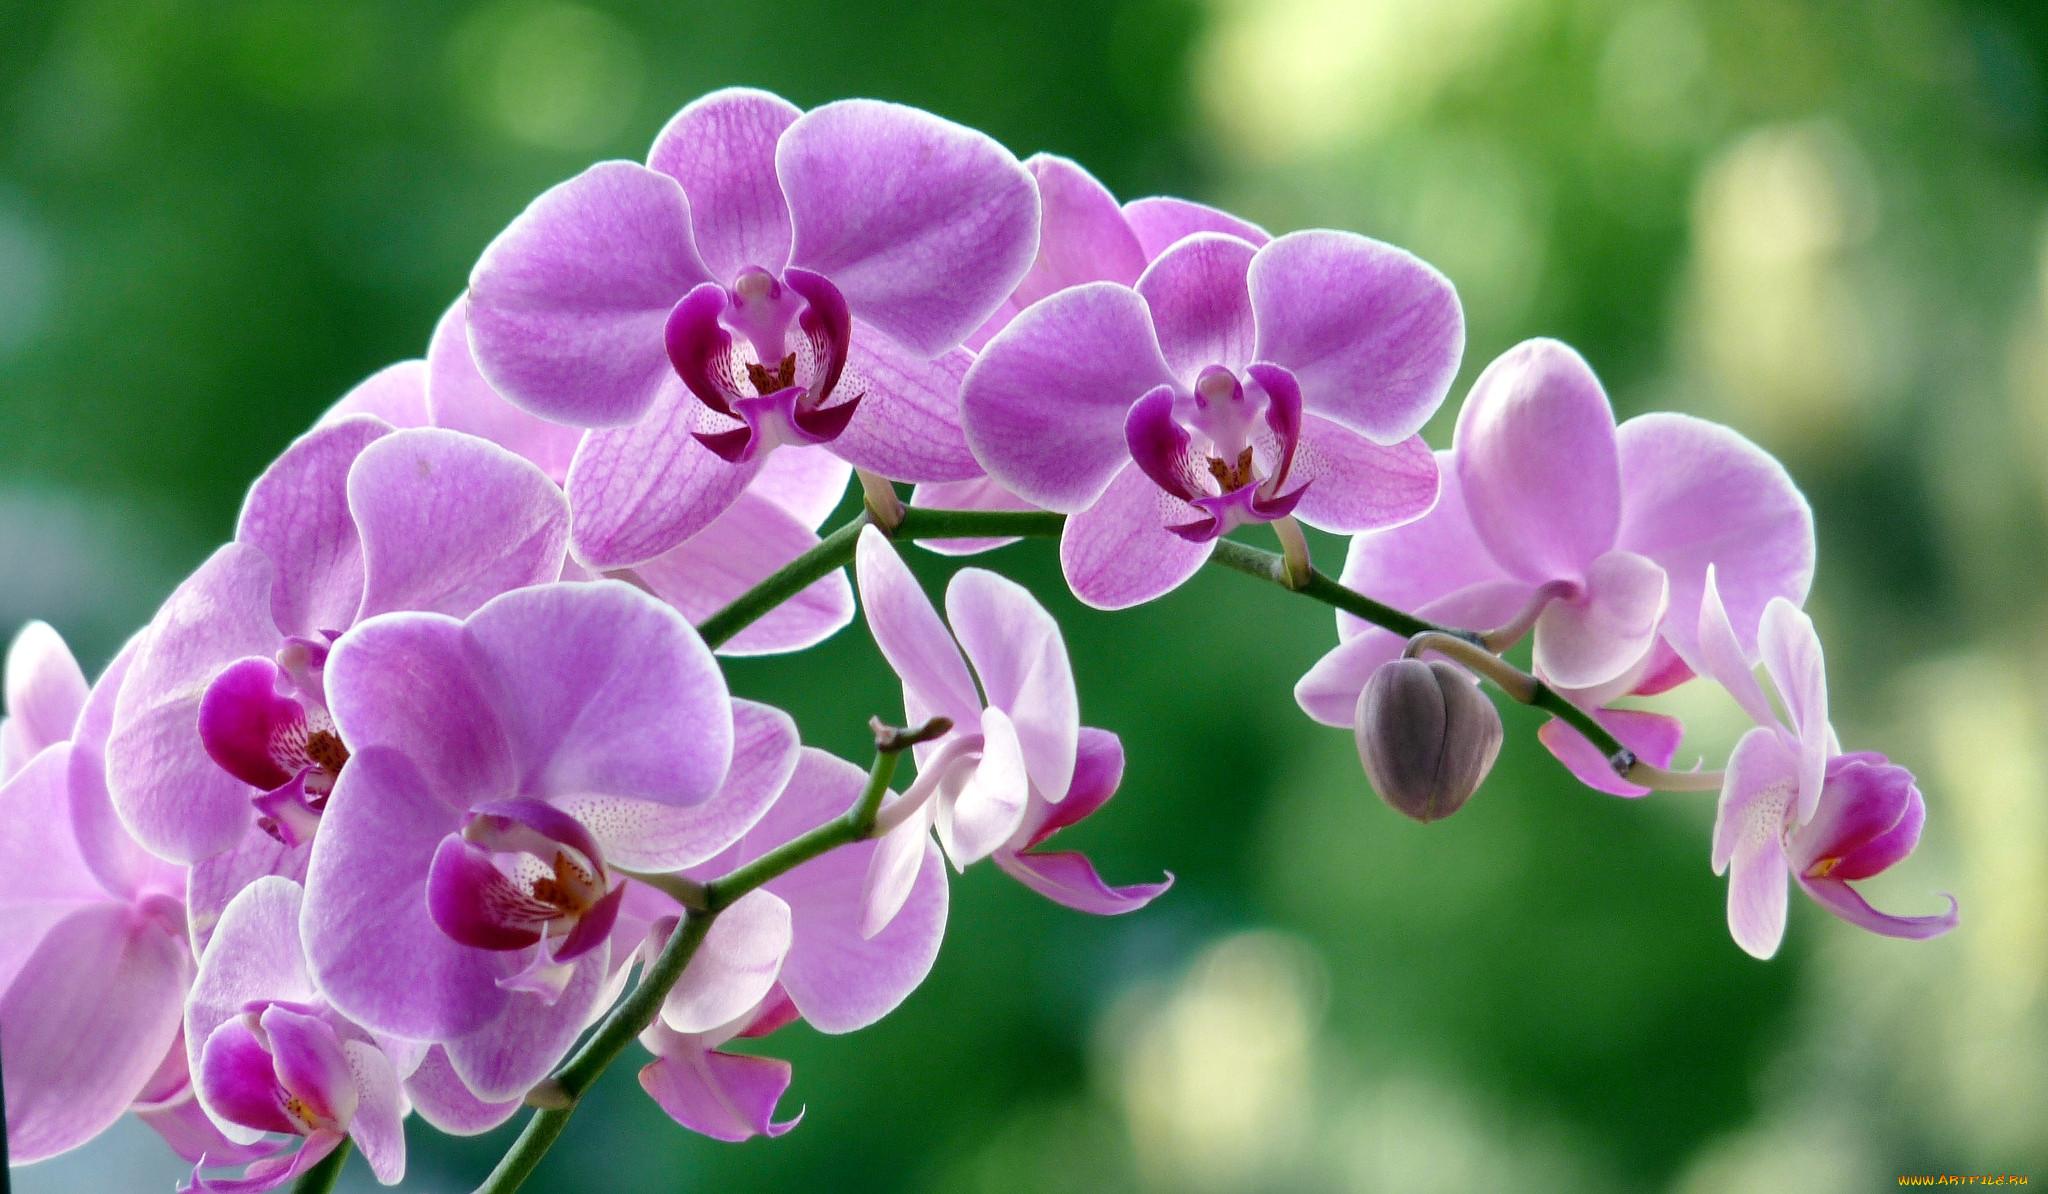 отличный картинки для рабочего стола цветы орхидеи целях